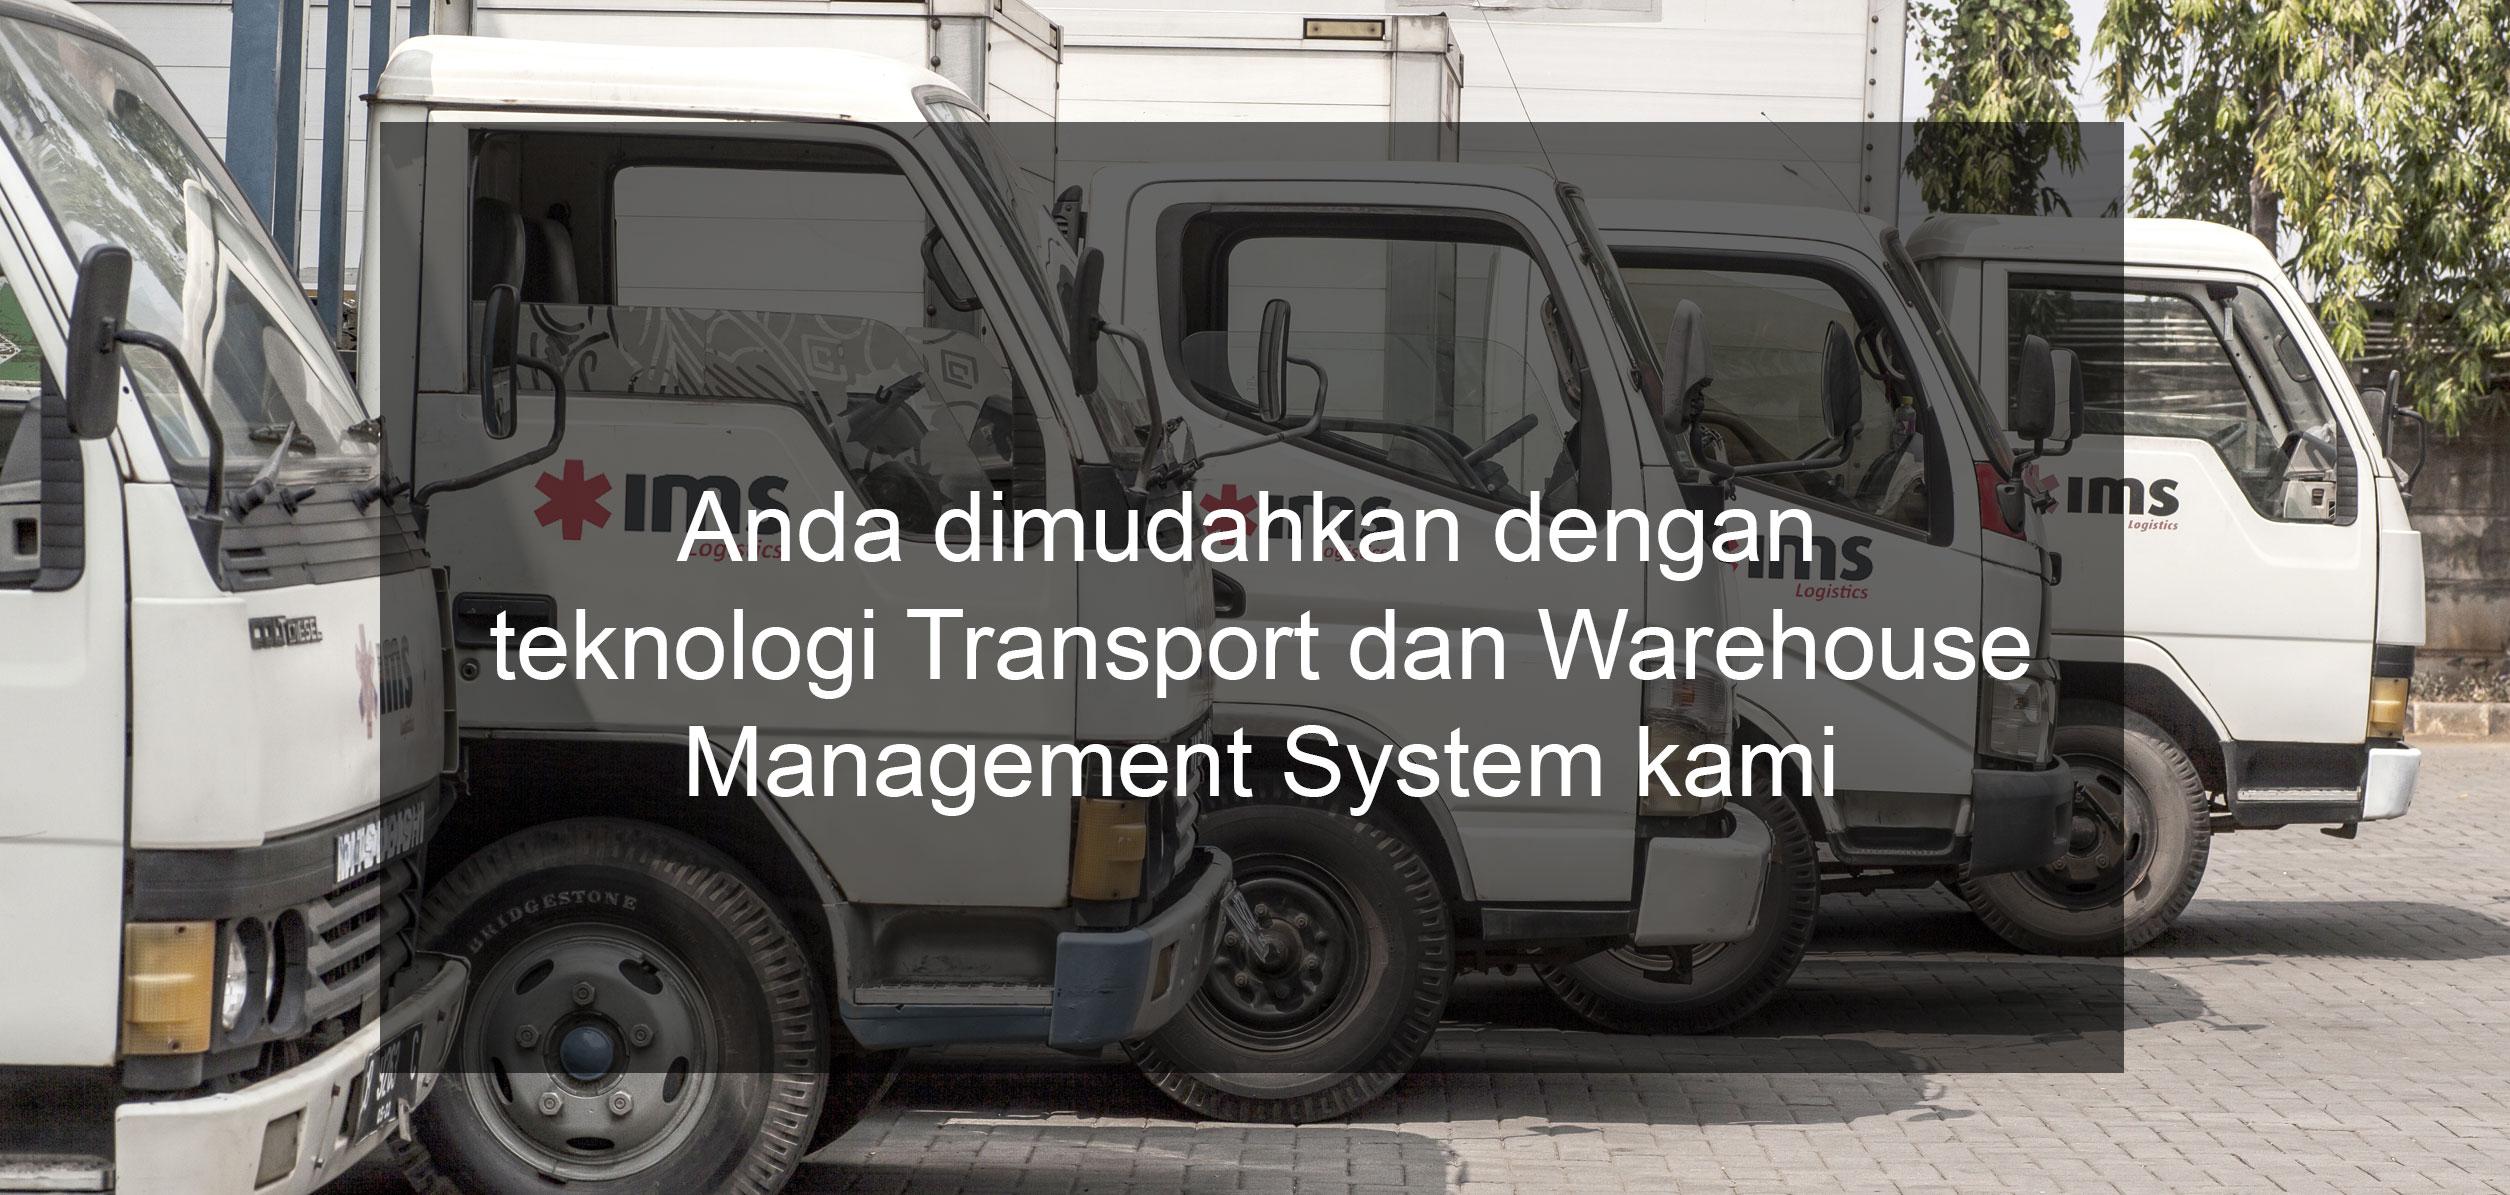 Slider3-rev_Anda-dimudahkan-dengan-teknologi-Transport-dan-Warehouse-Management-System-kami